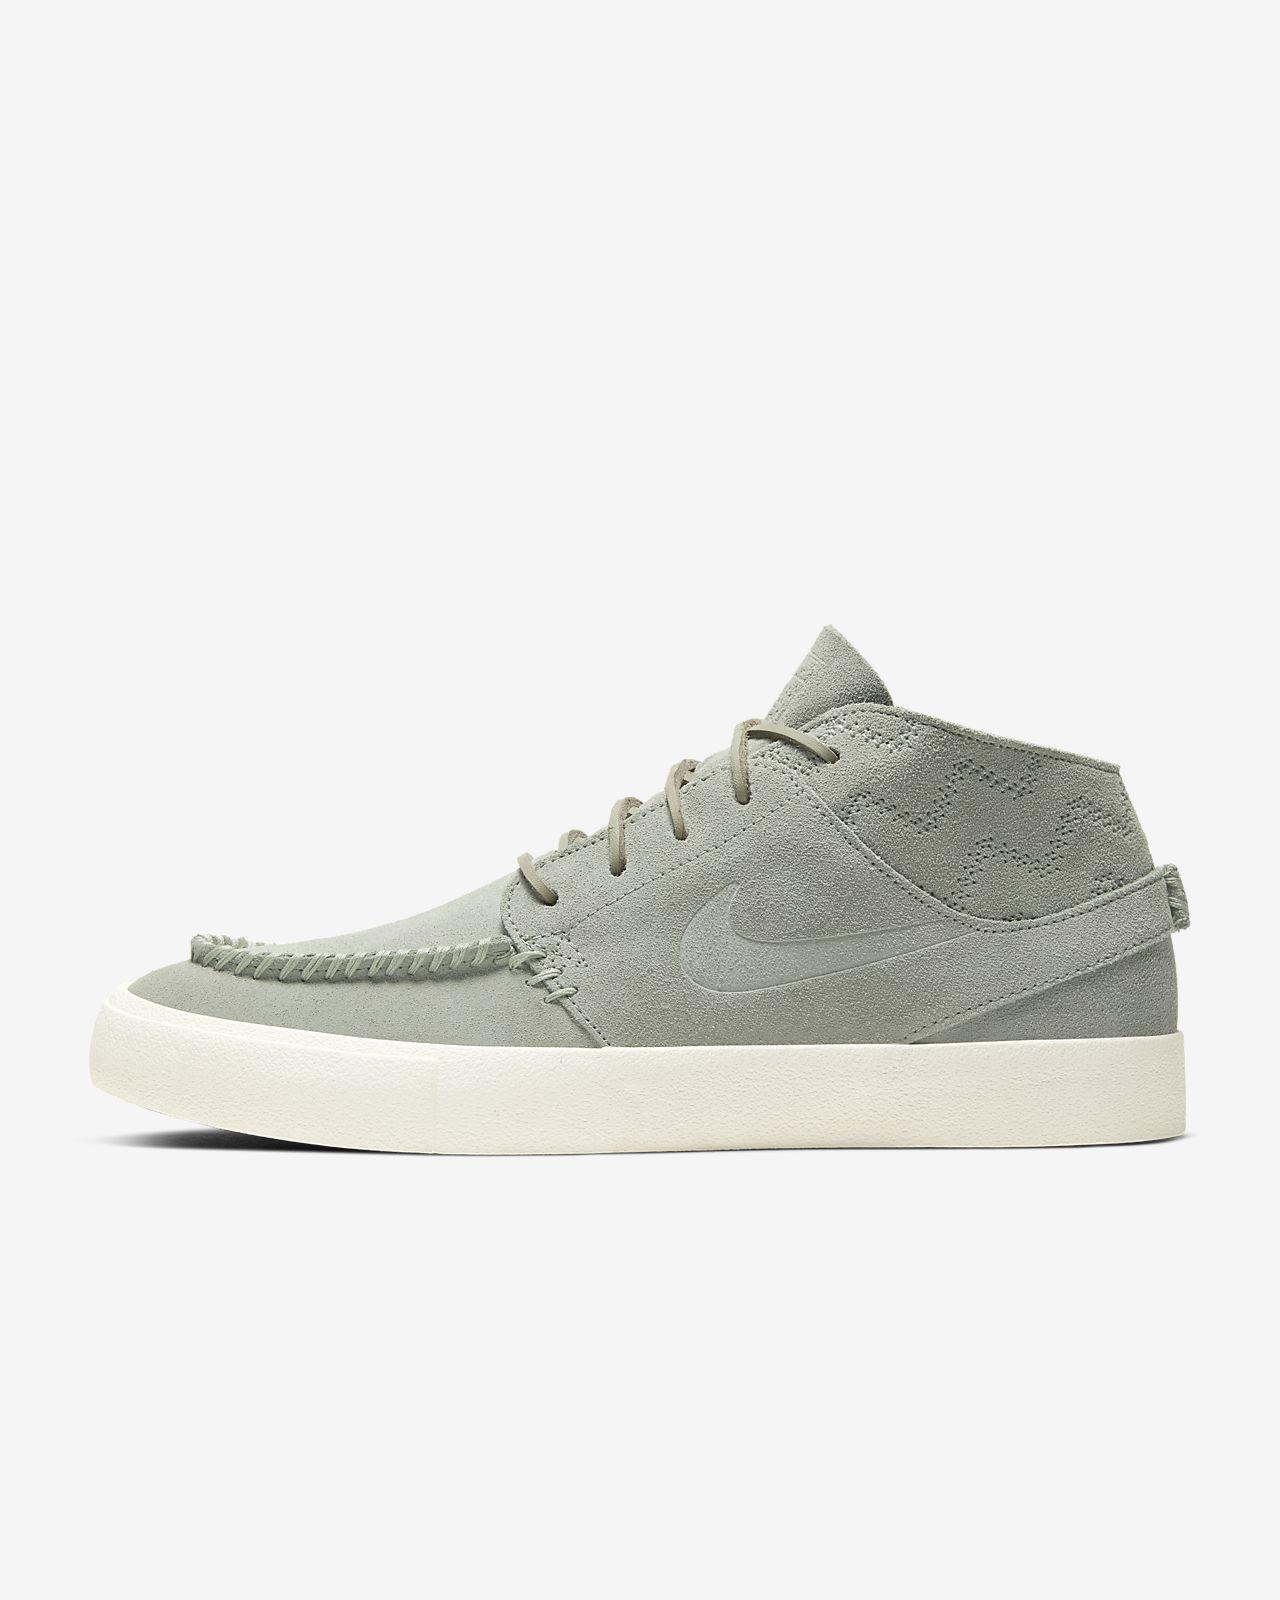 Nike SB Zoom Stefan Janoski Mid Crafted Erkek Kaykay Ayakkabısı